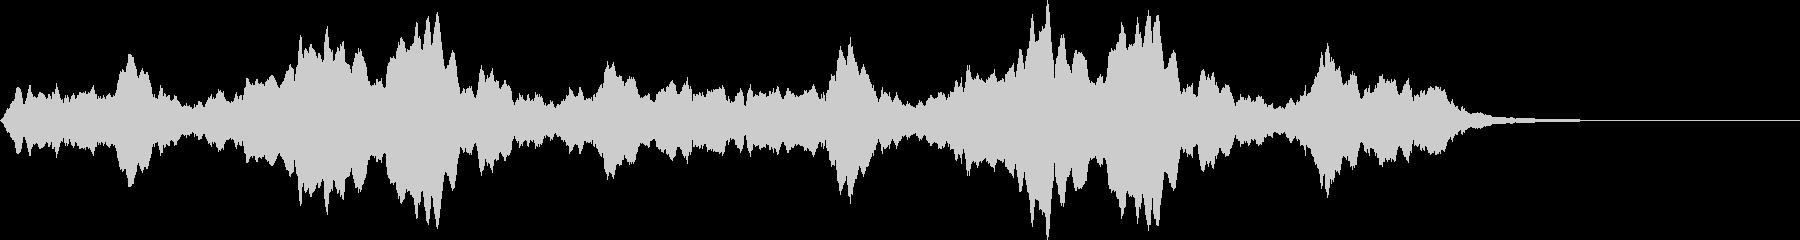 アトモスフィア FX_05 ambiの未再生の波形